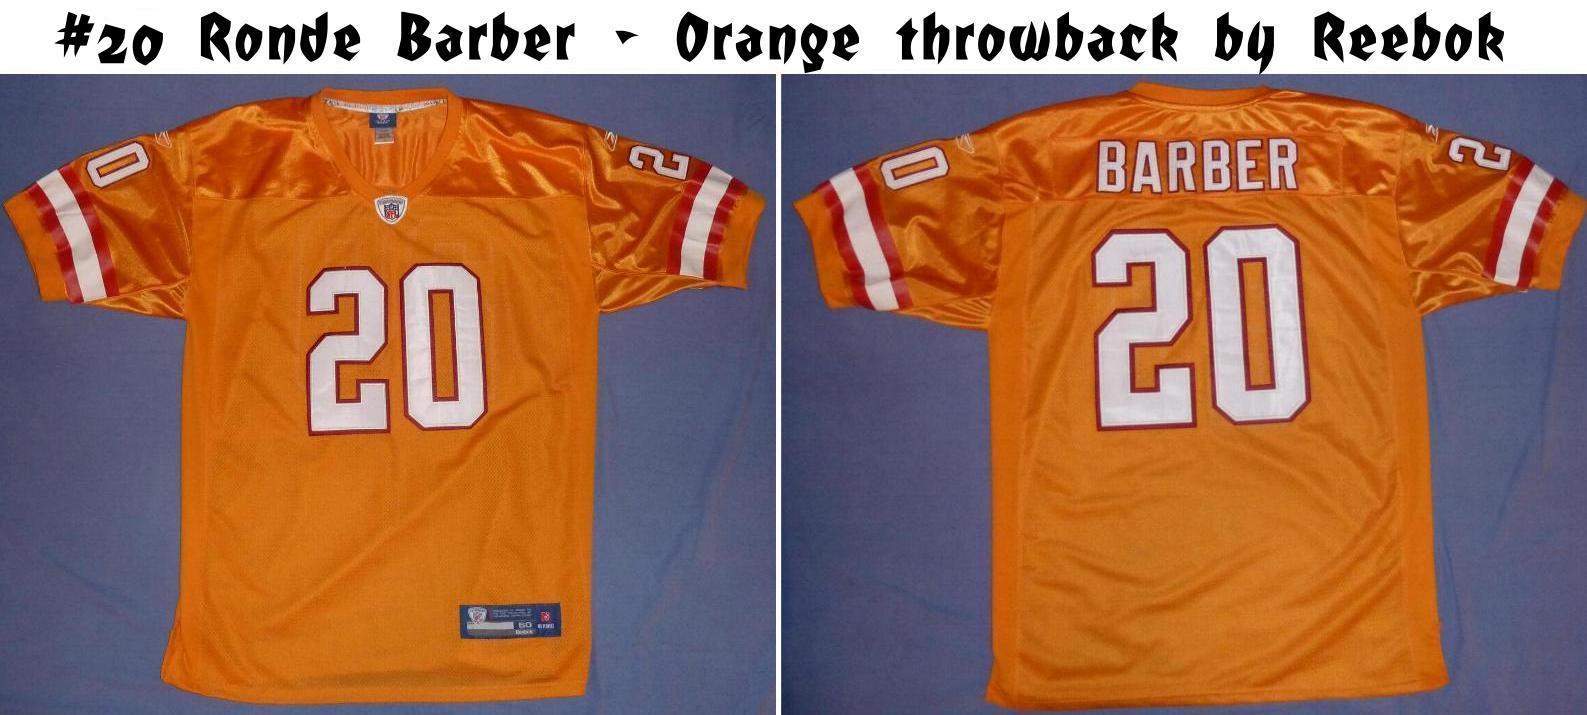 4888f9bf87c Kim Ronde Barber NFL Pinterest ... da qualche anno ormai abbondano i siti  in cui è possibile trovare tutti ...